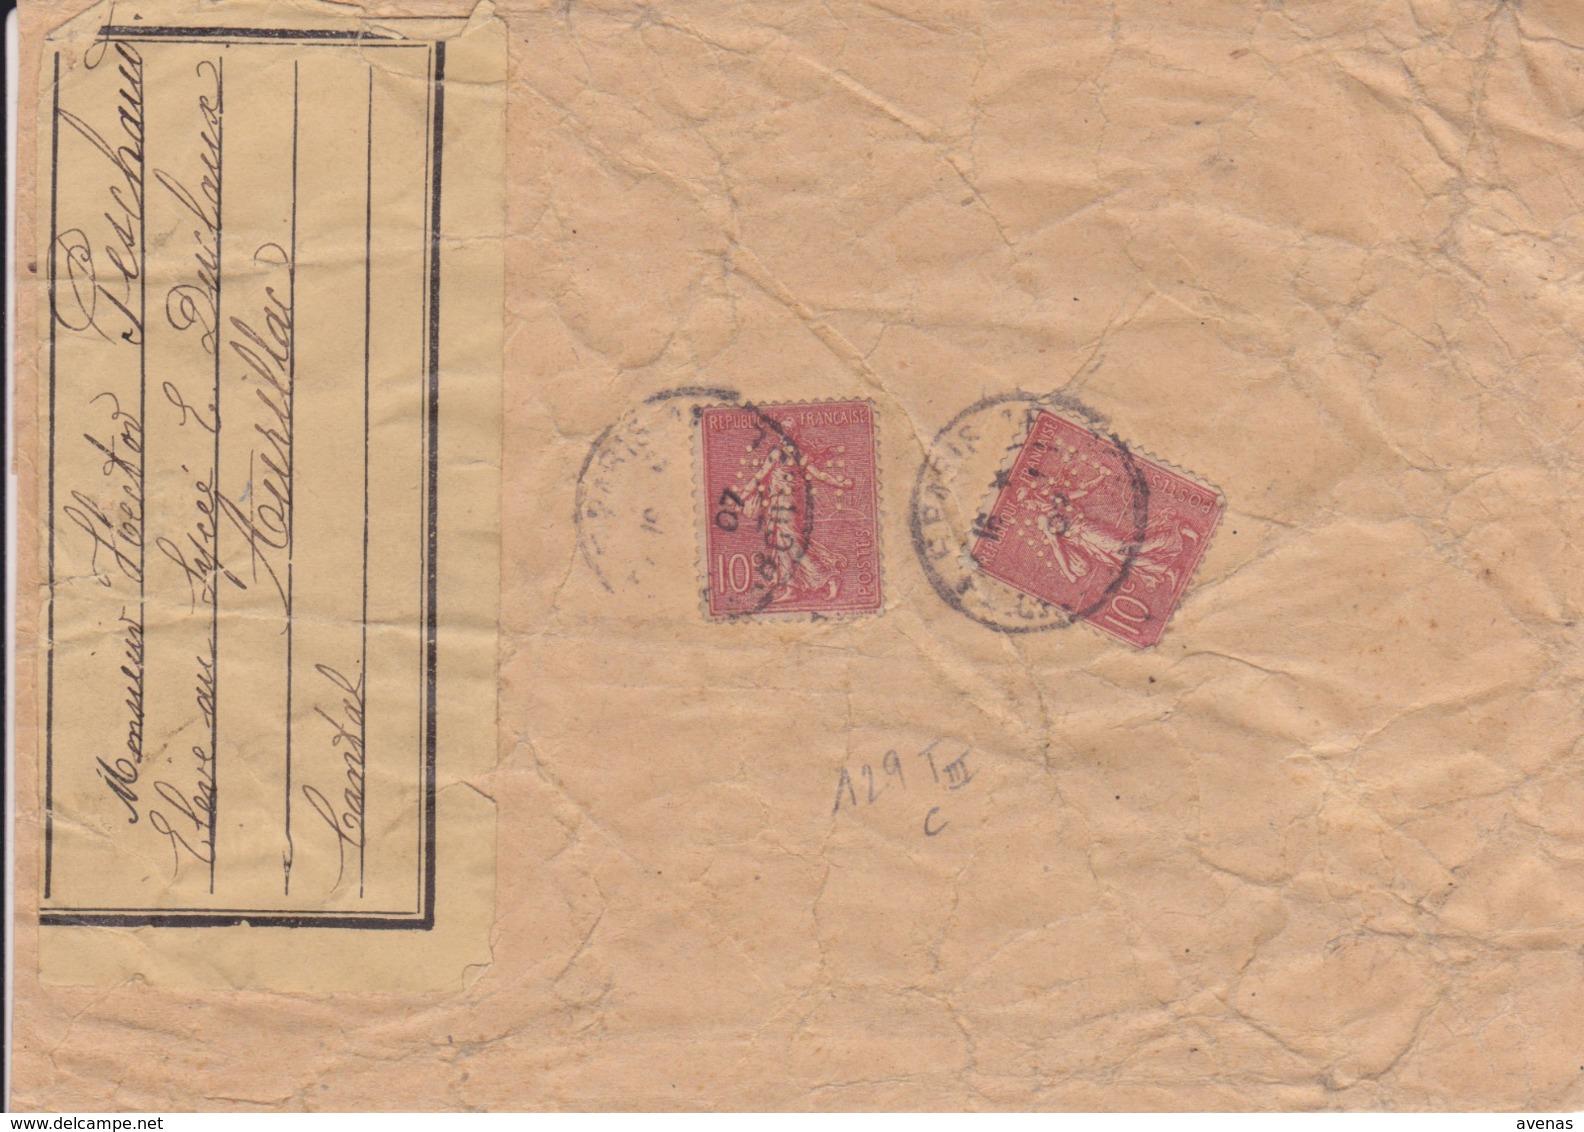 Lettre 1907 PARIS Timbres Semeuse Lignée 10c Yvert 129 Type III Perforé AM - Marcophilie (Lettres)